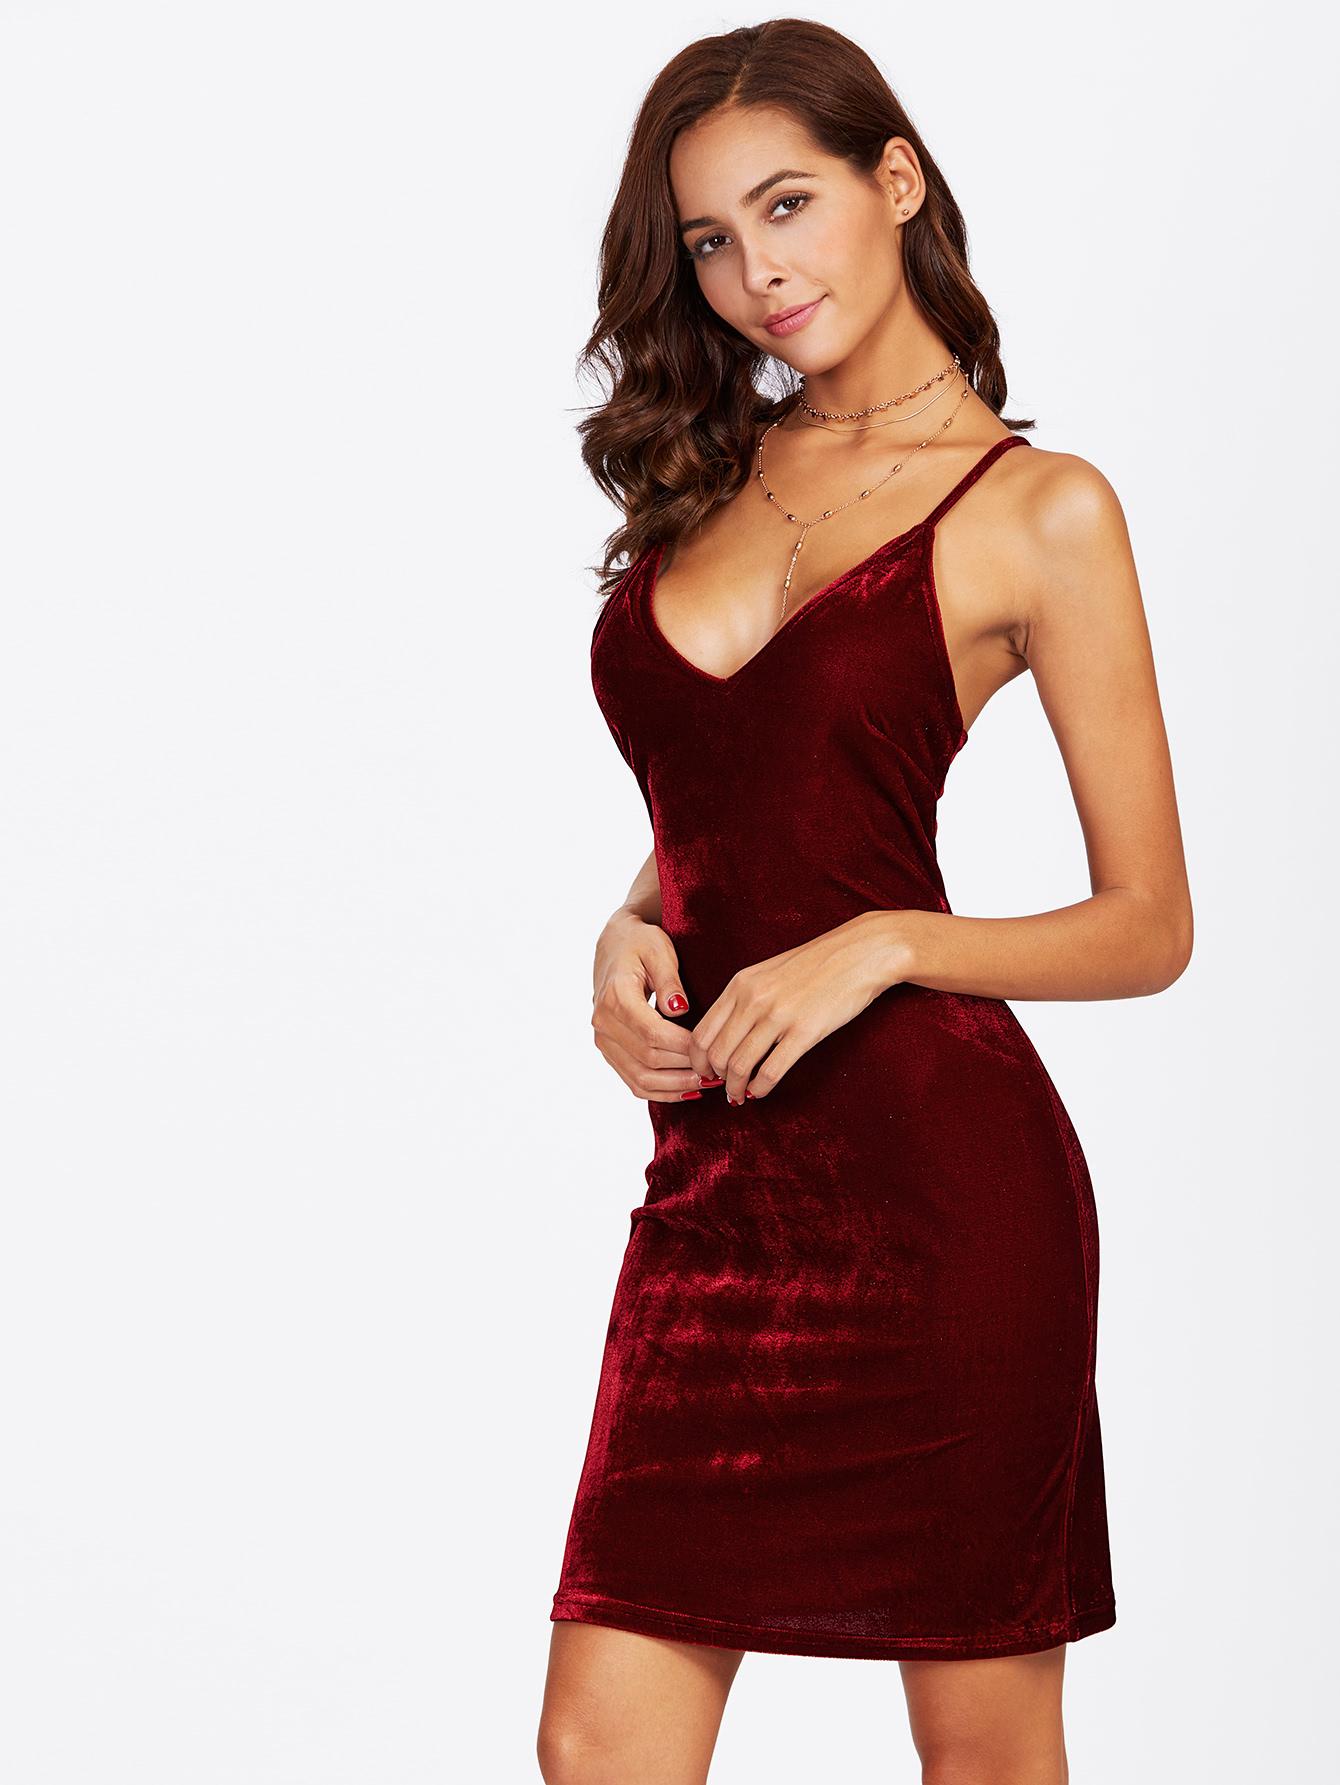 صورة فستان مخمل , اجمل فساتين شتوية ستراها